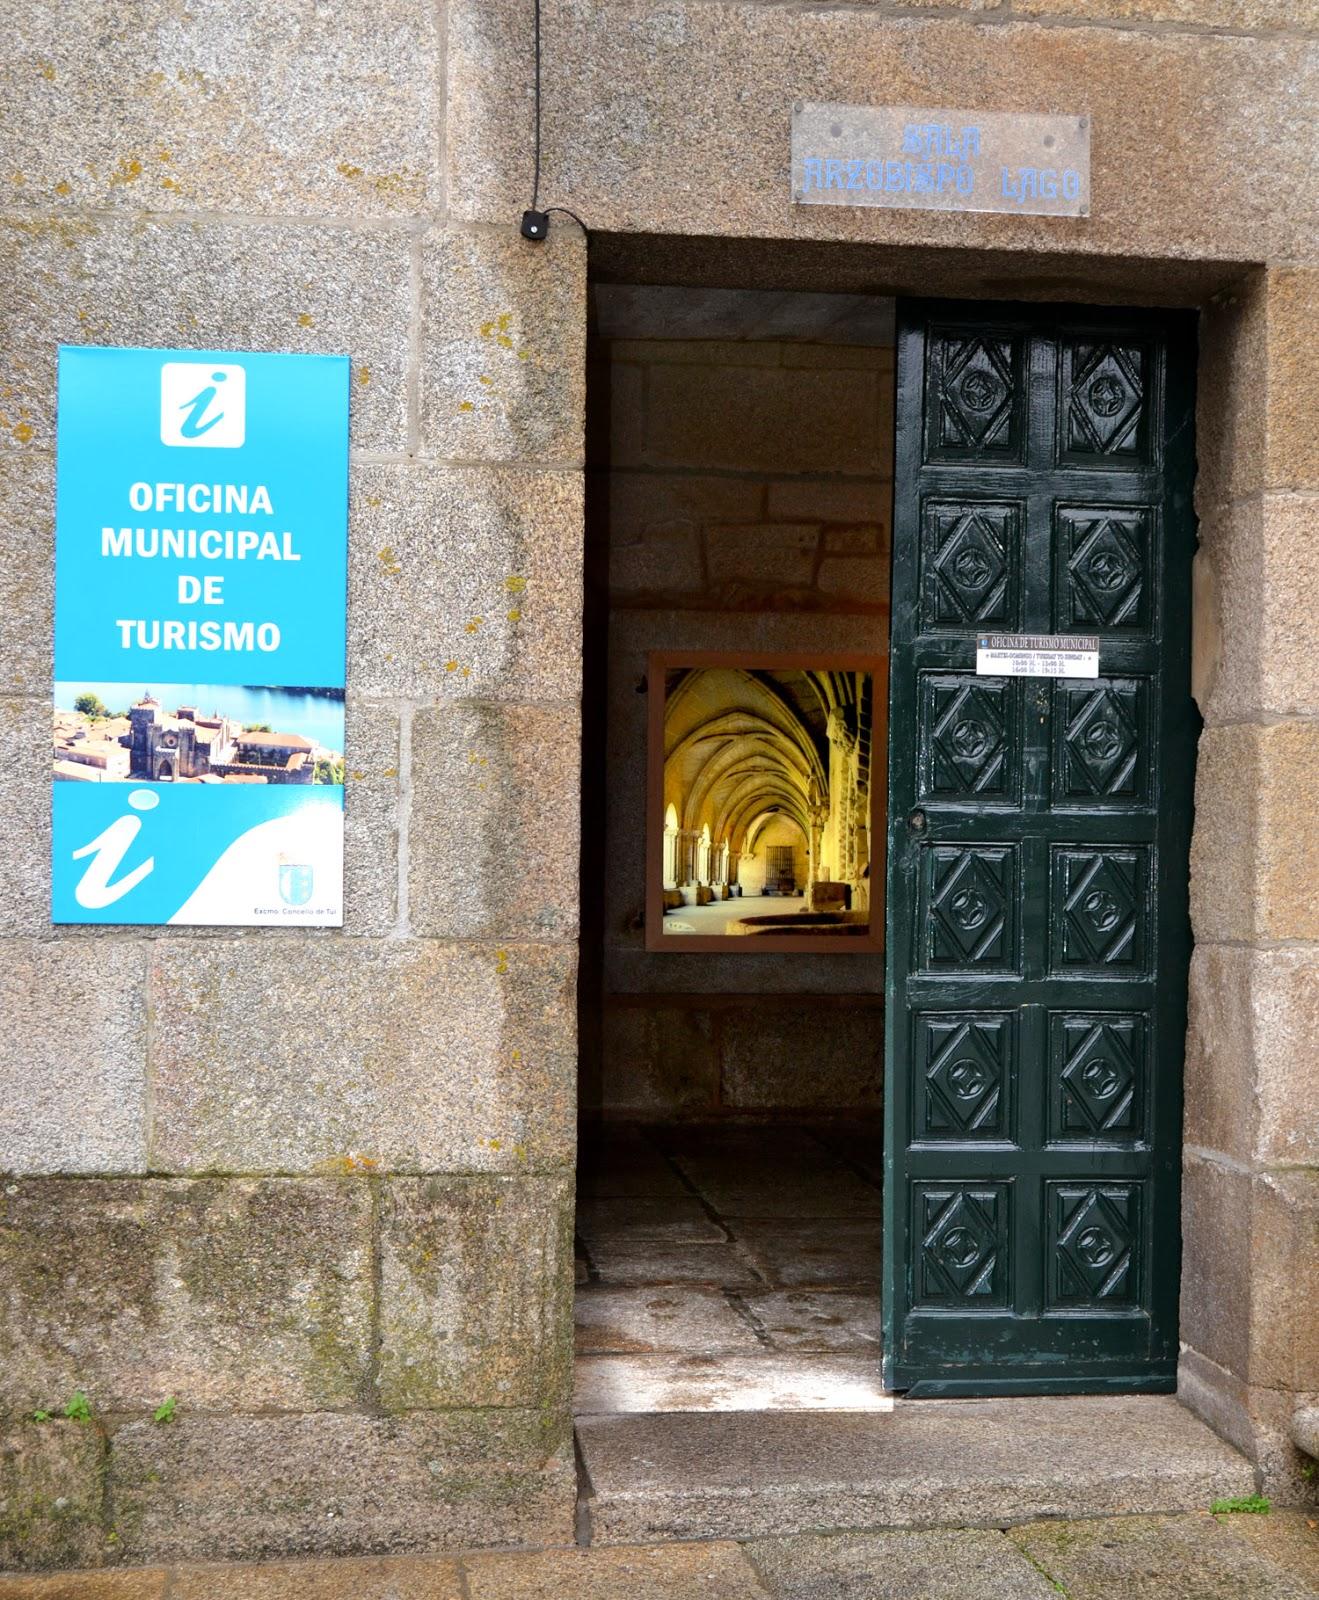 Valen a tui info a oficina municipal de turismo de tui for Oficina de turismo de aviles